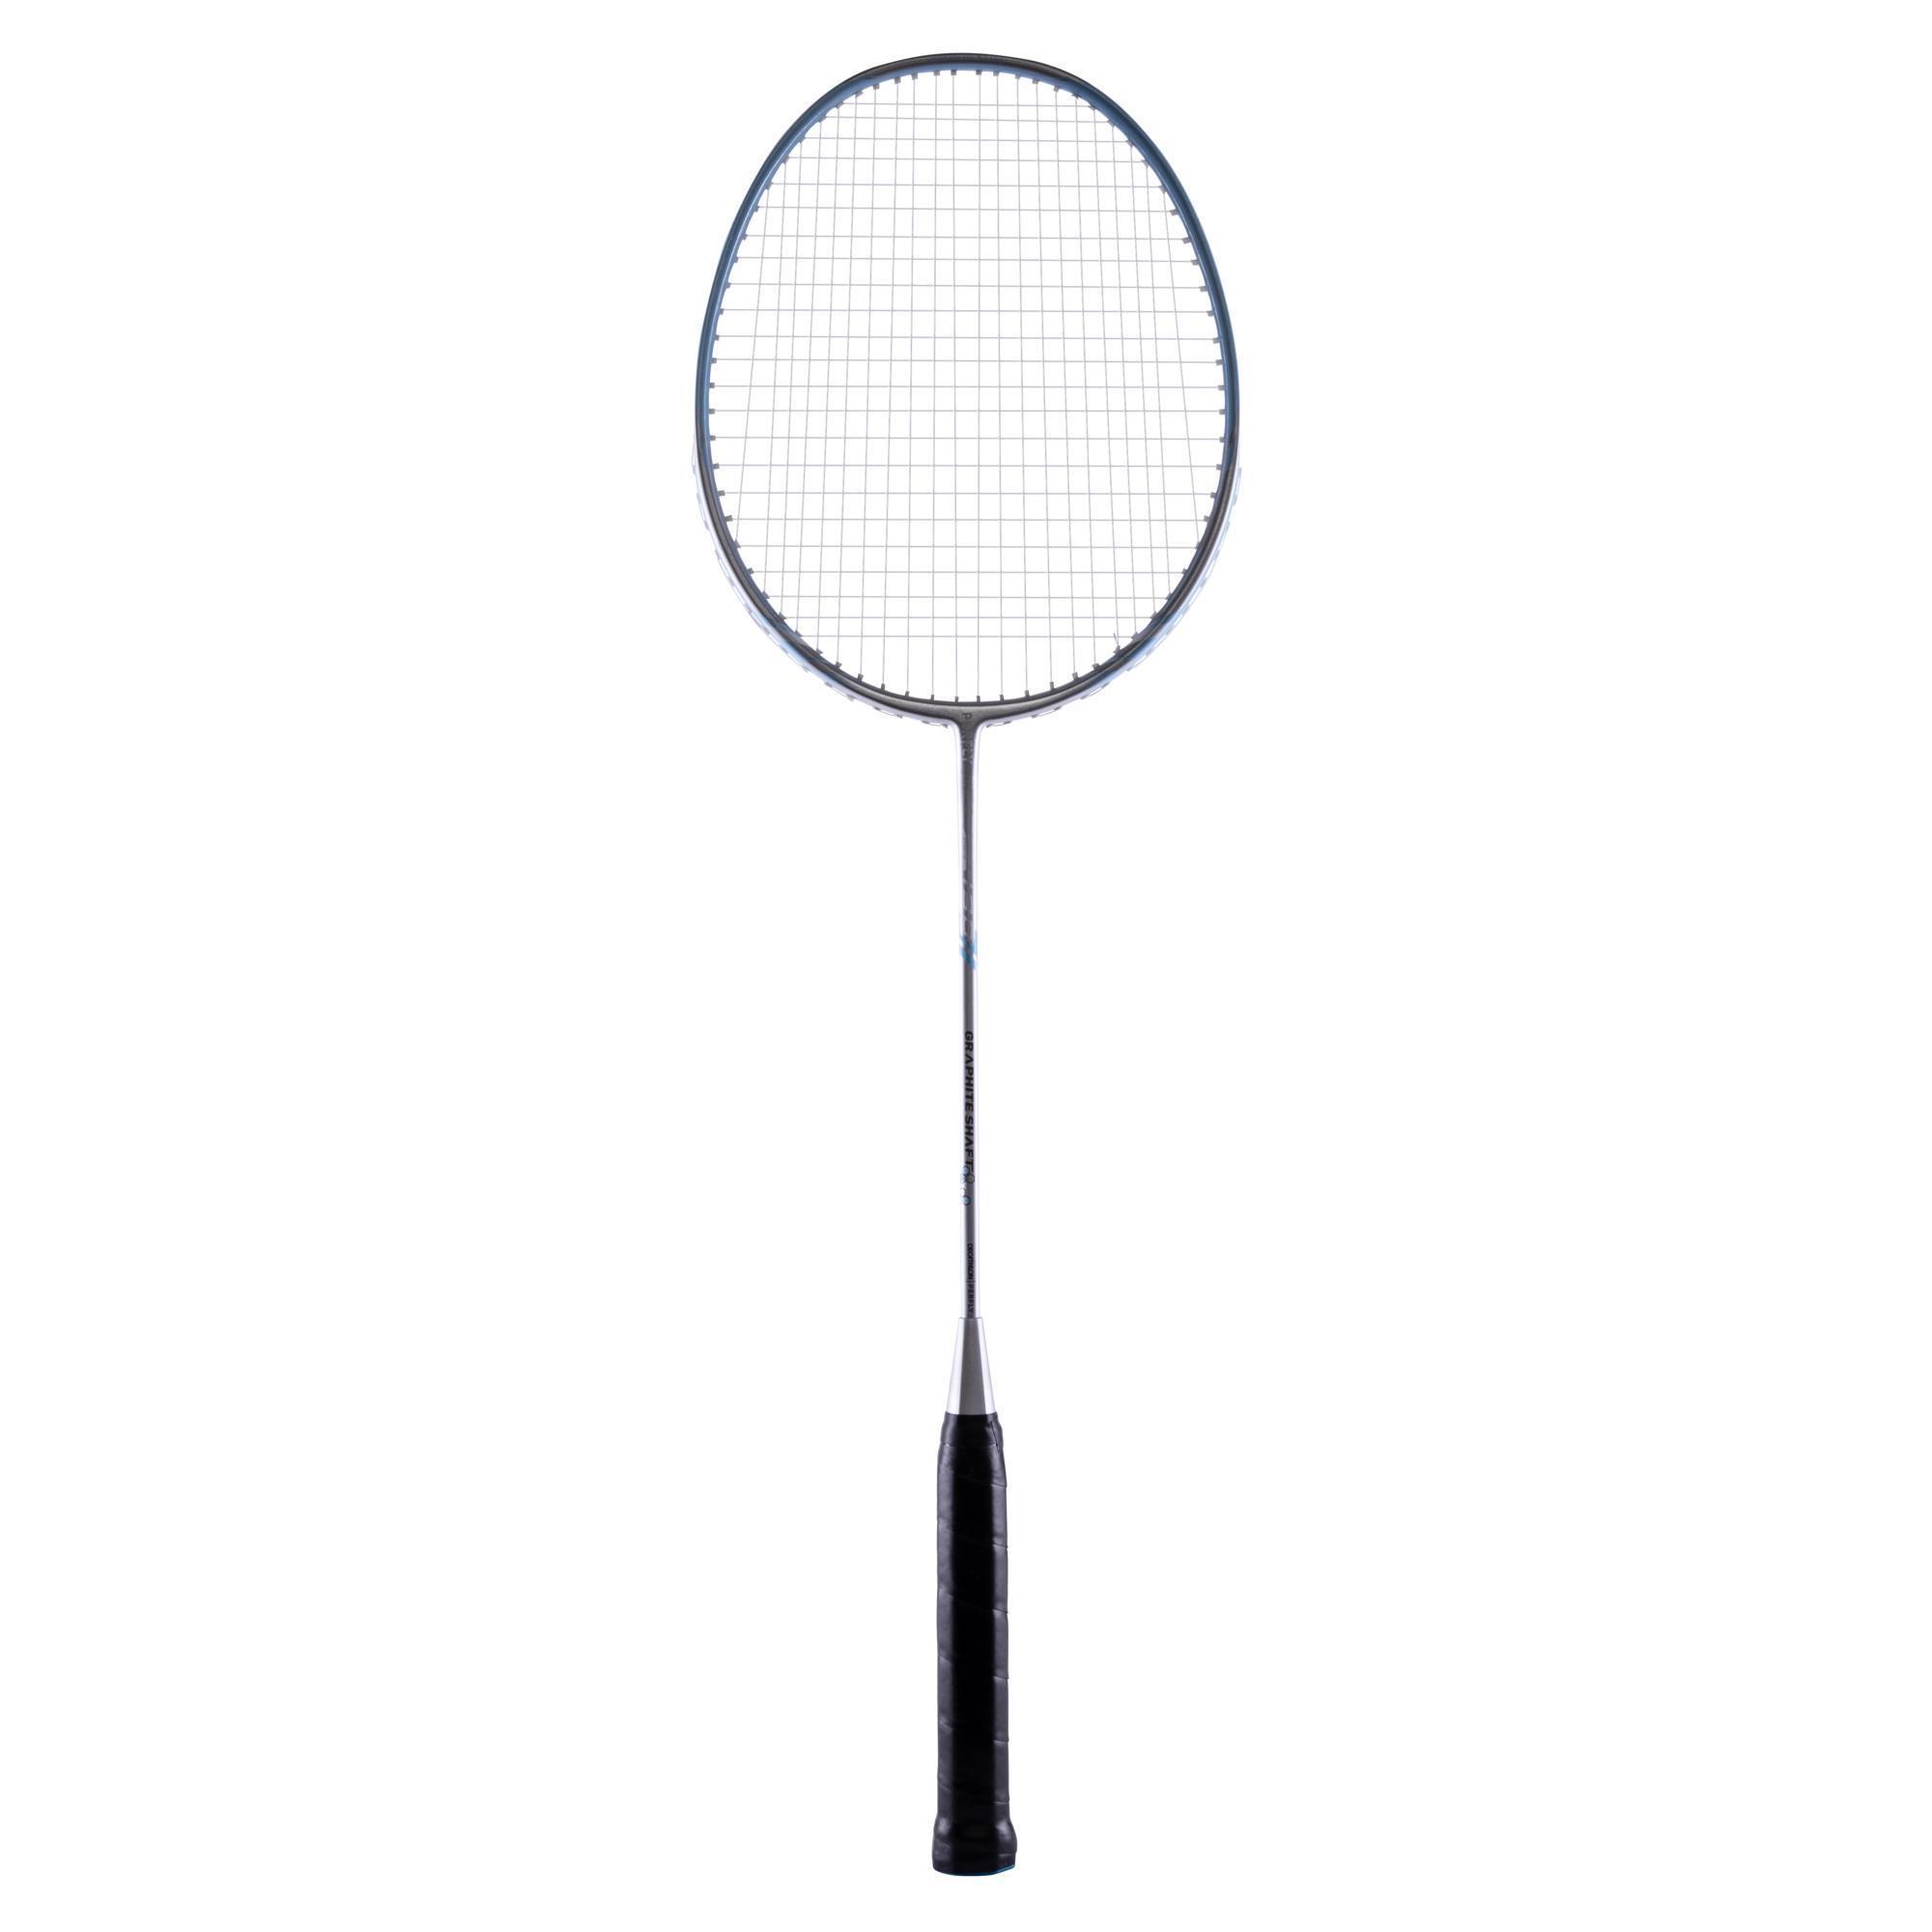 Perfly Badmintonracket BR190 voor volwassenen kopen